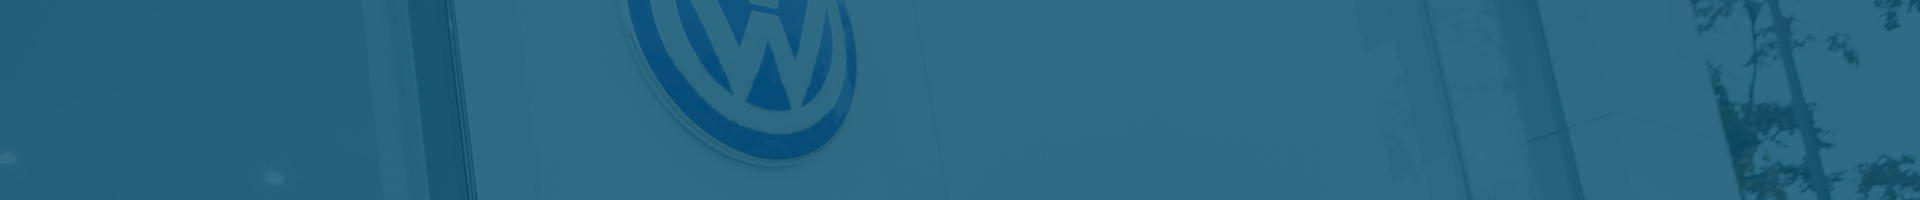 banner-contato-real-veículos-desktop